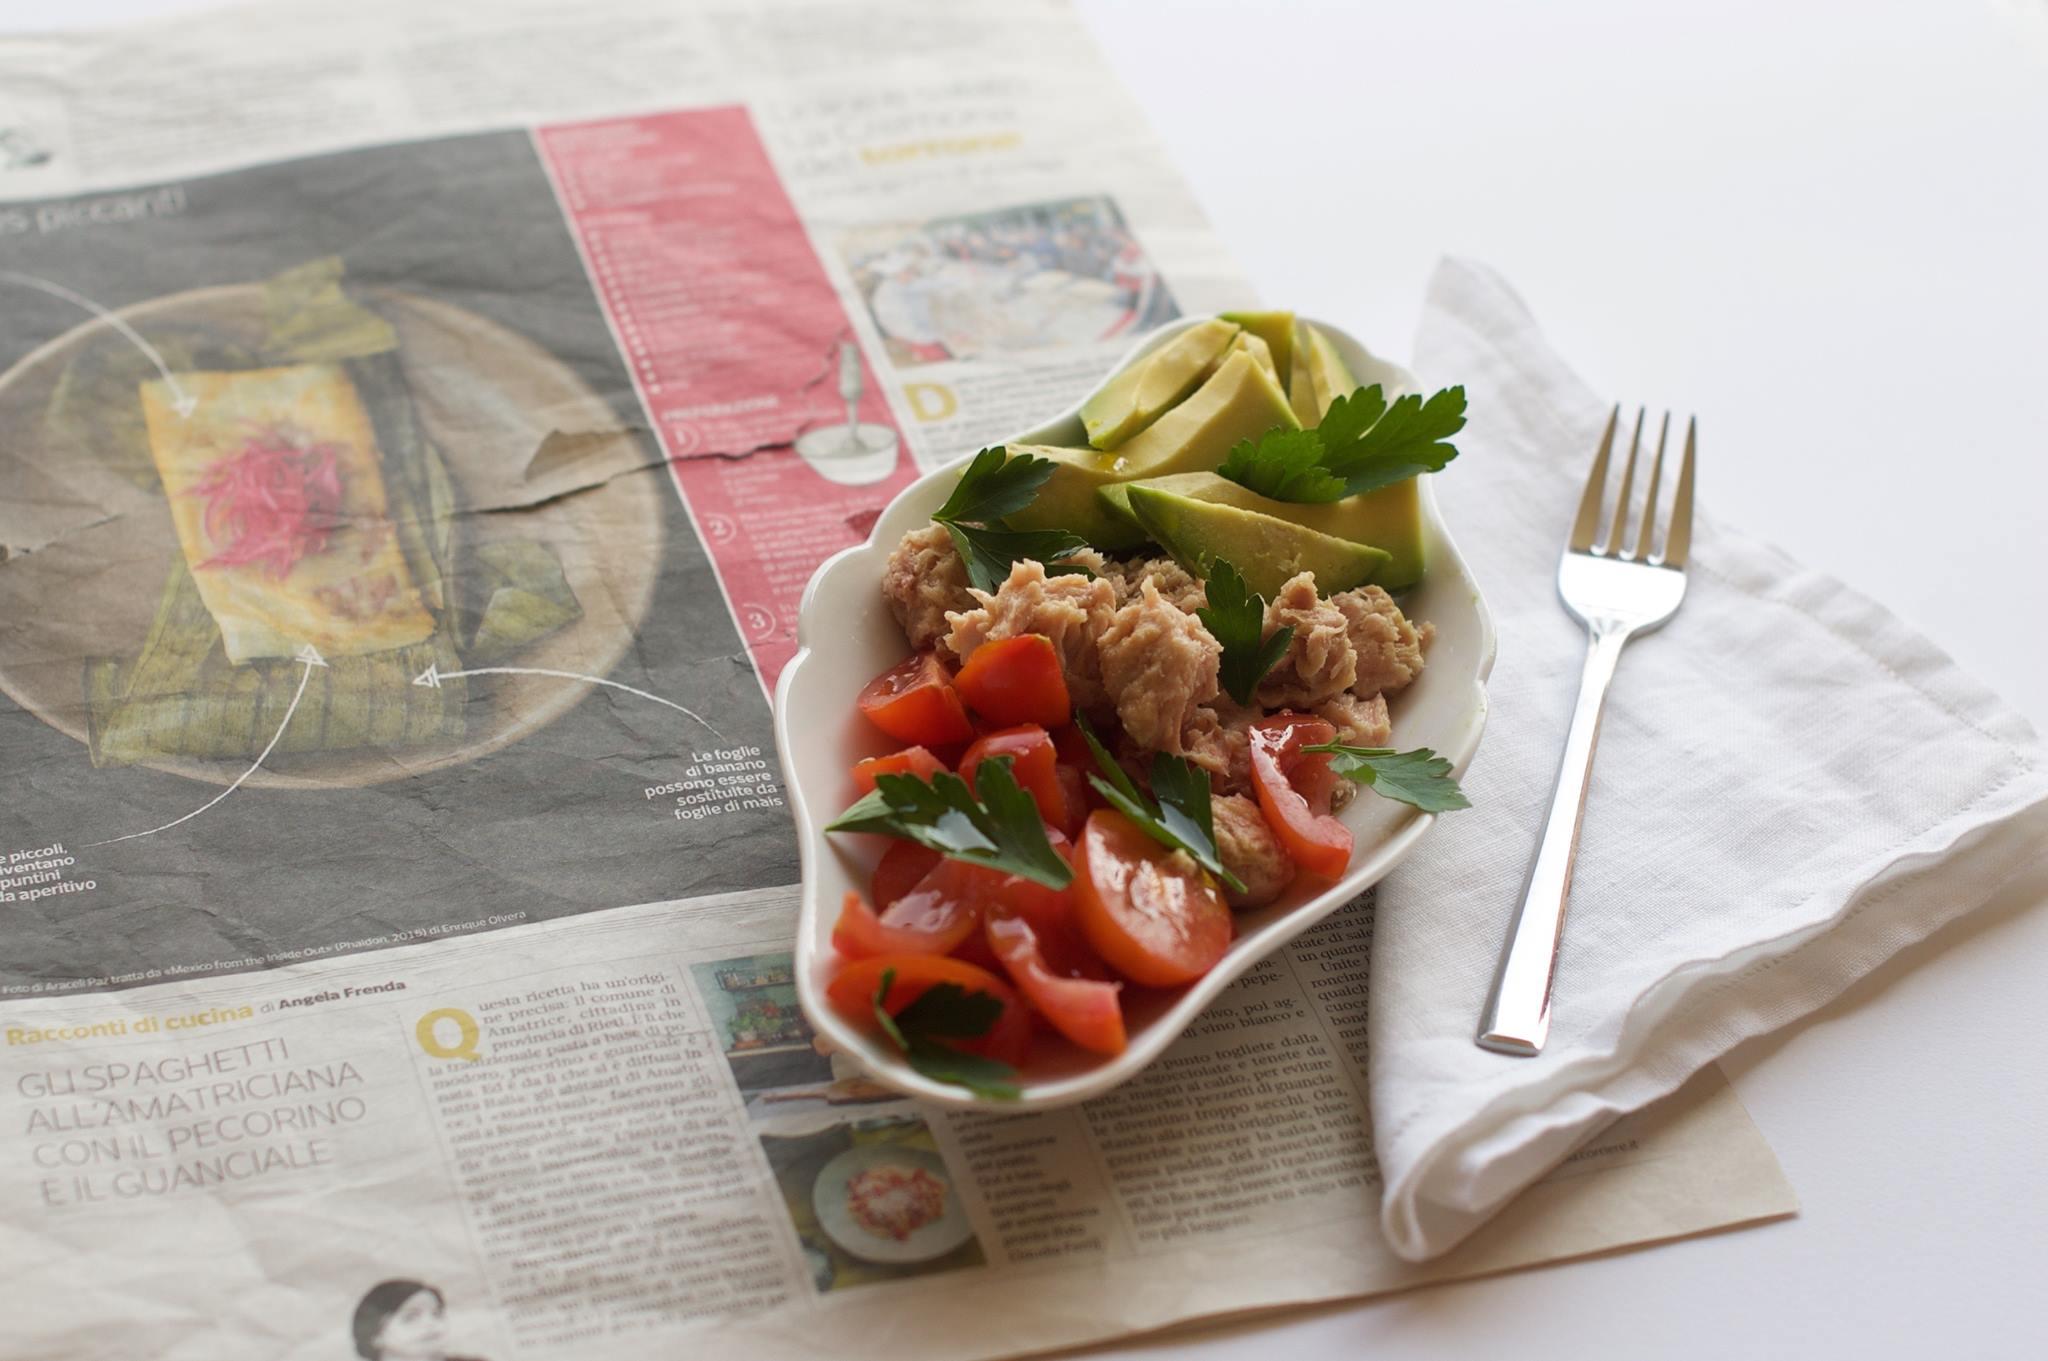 Insalata di pomodori con tonno e avocado